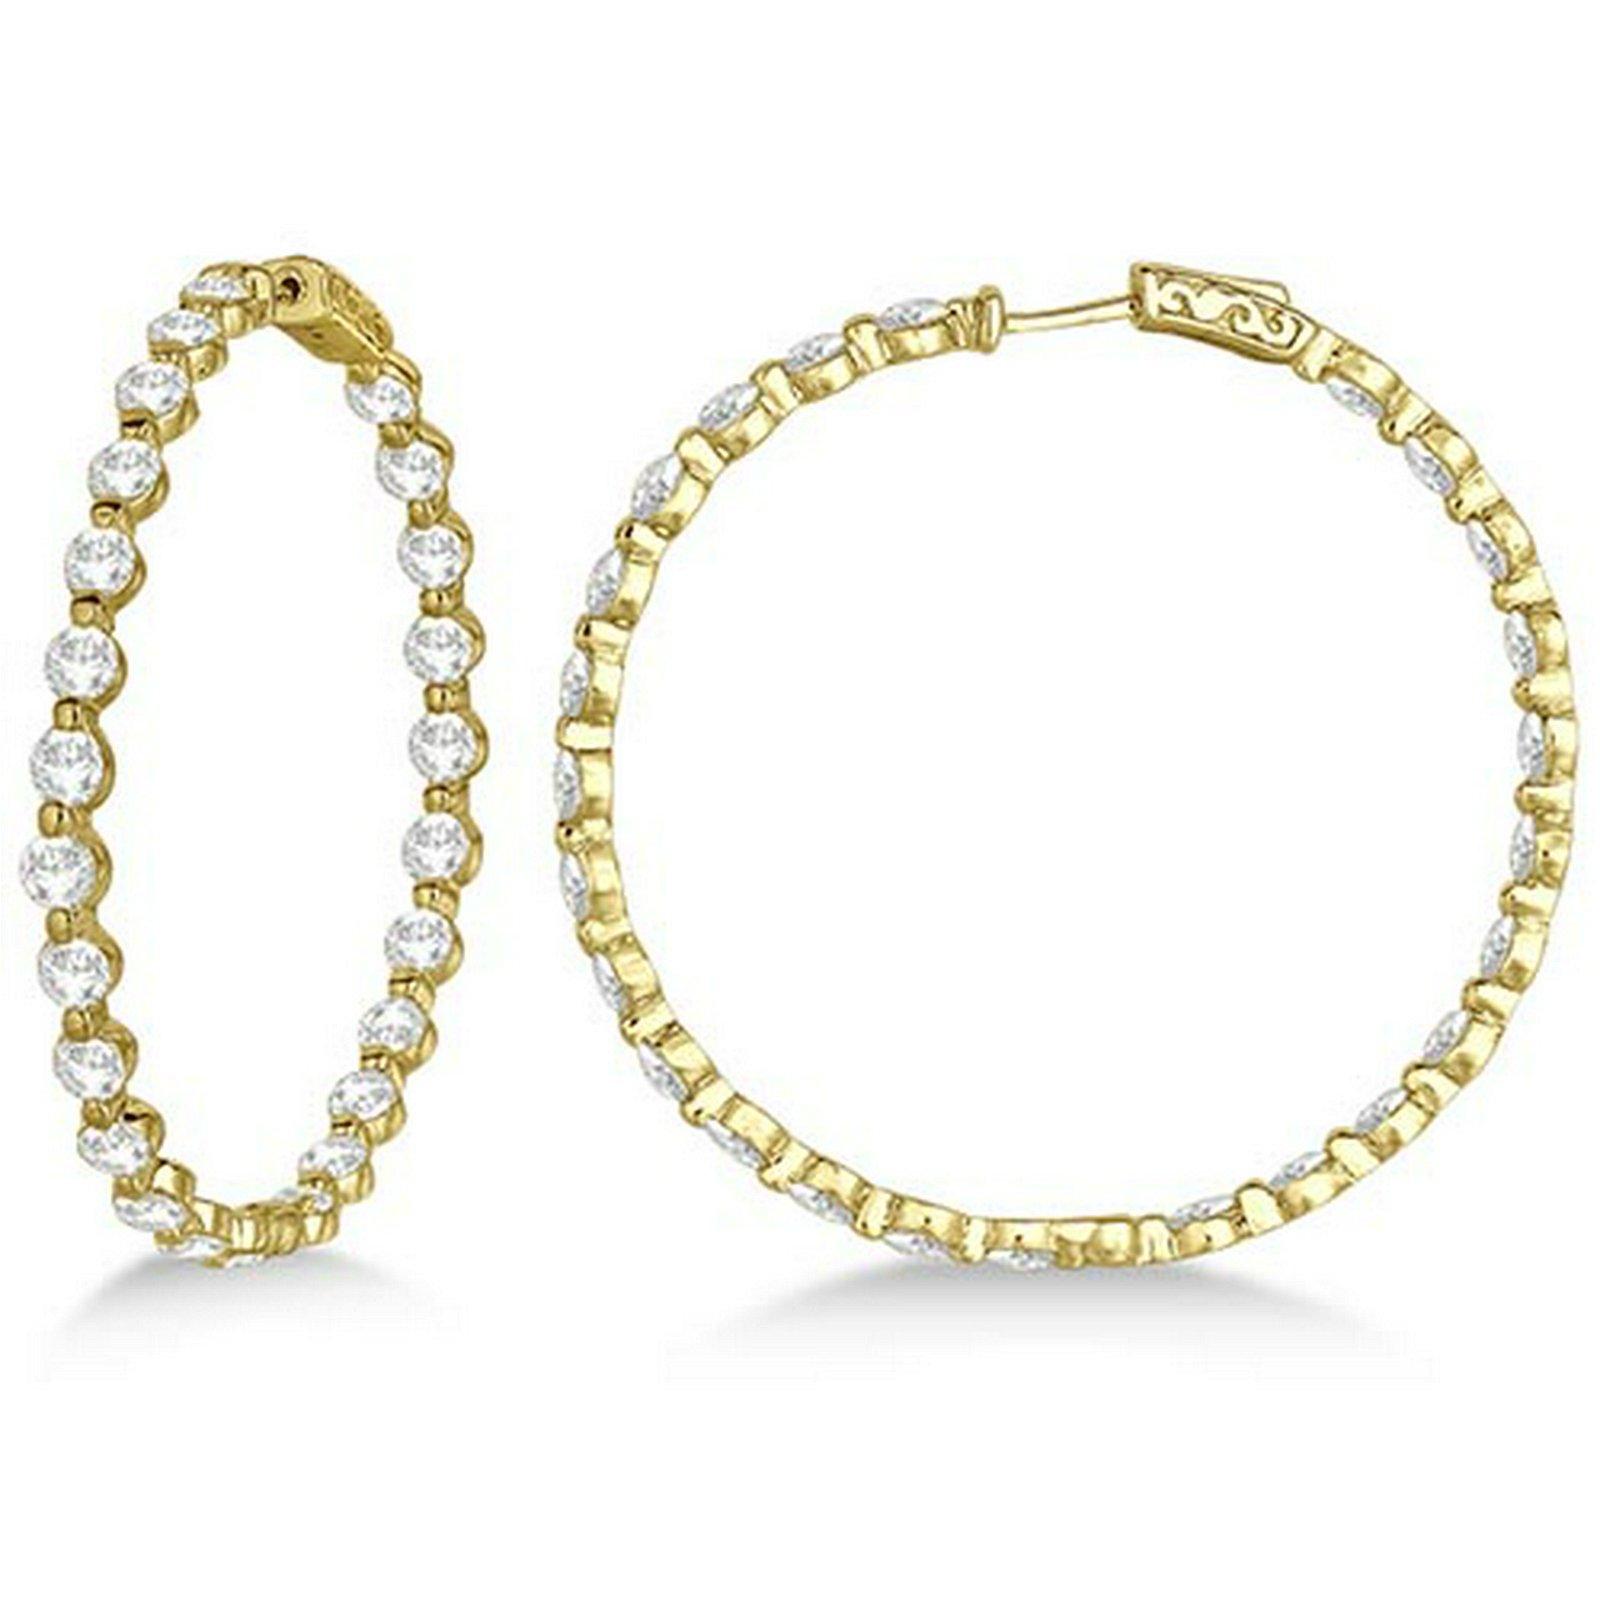 Large Round Floating Diamond Hoop Earrings 14k Yellow G